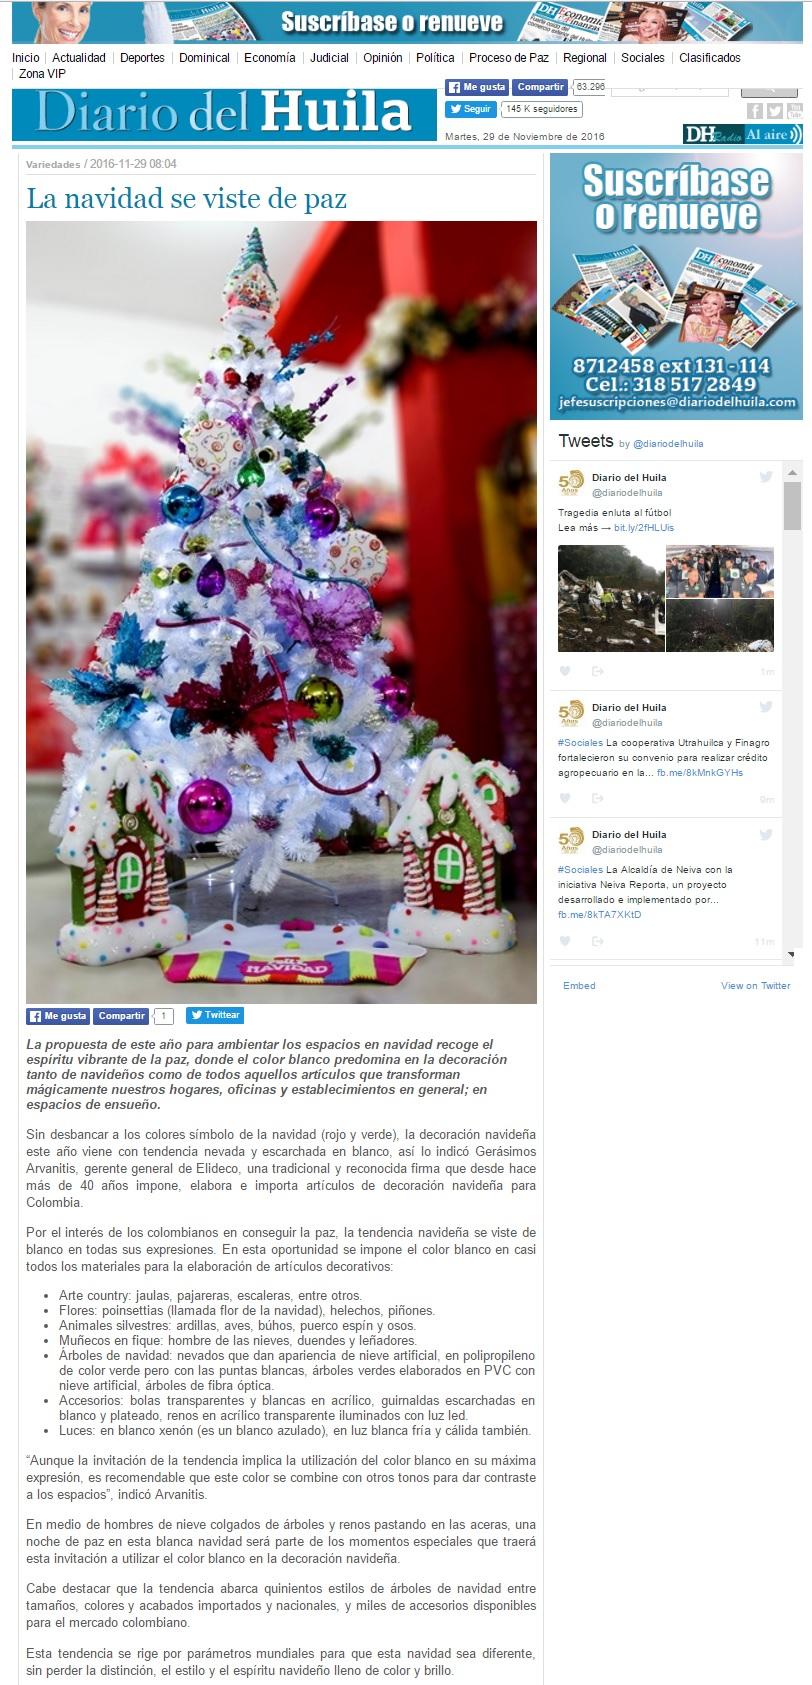 Diario del Huila 29 de Noviembre de 2016 [web]